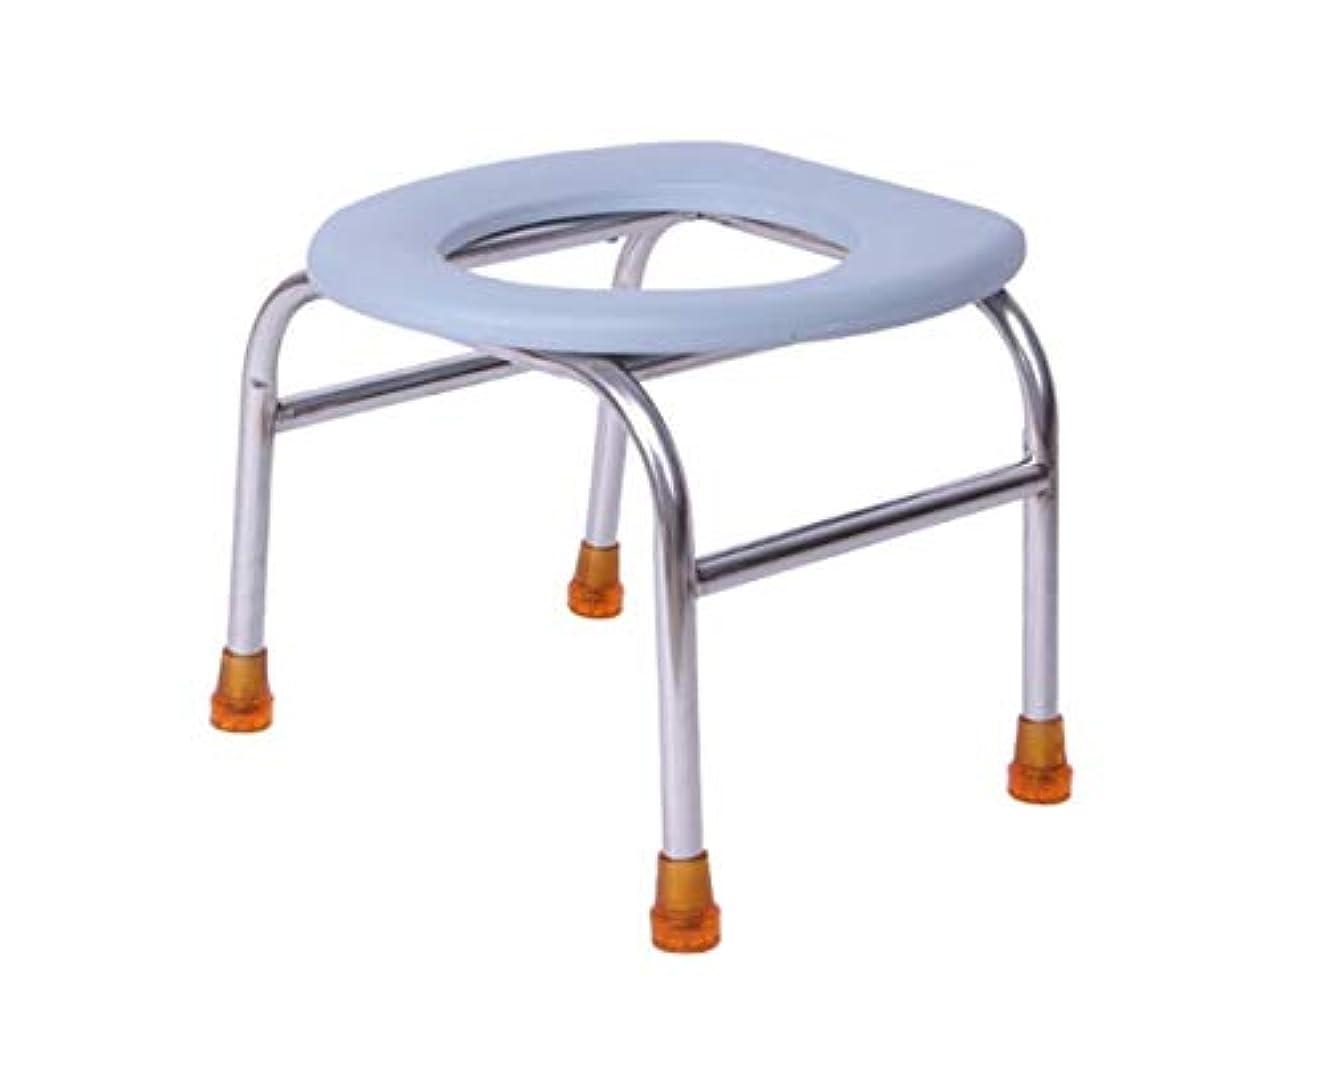 ステープルアーティファクト私の滑り止めの便座スツール、高齢者の障害のある妊娠中の女性に適した高齢者の補助浴室の椅子